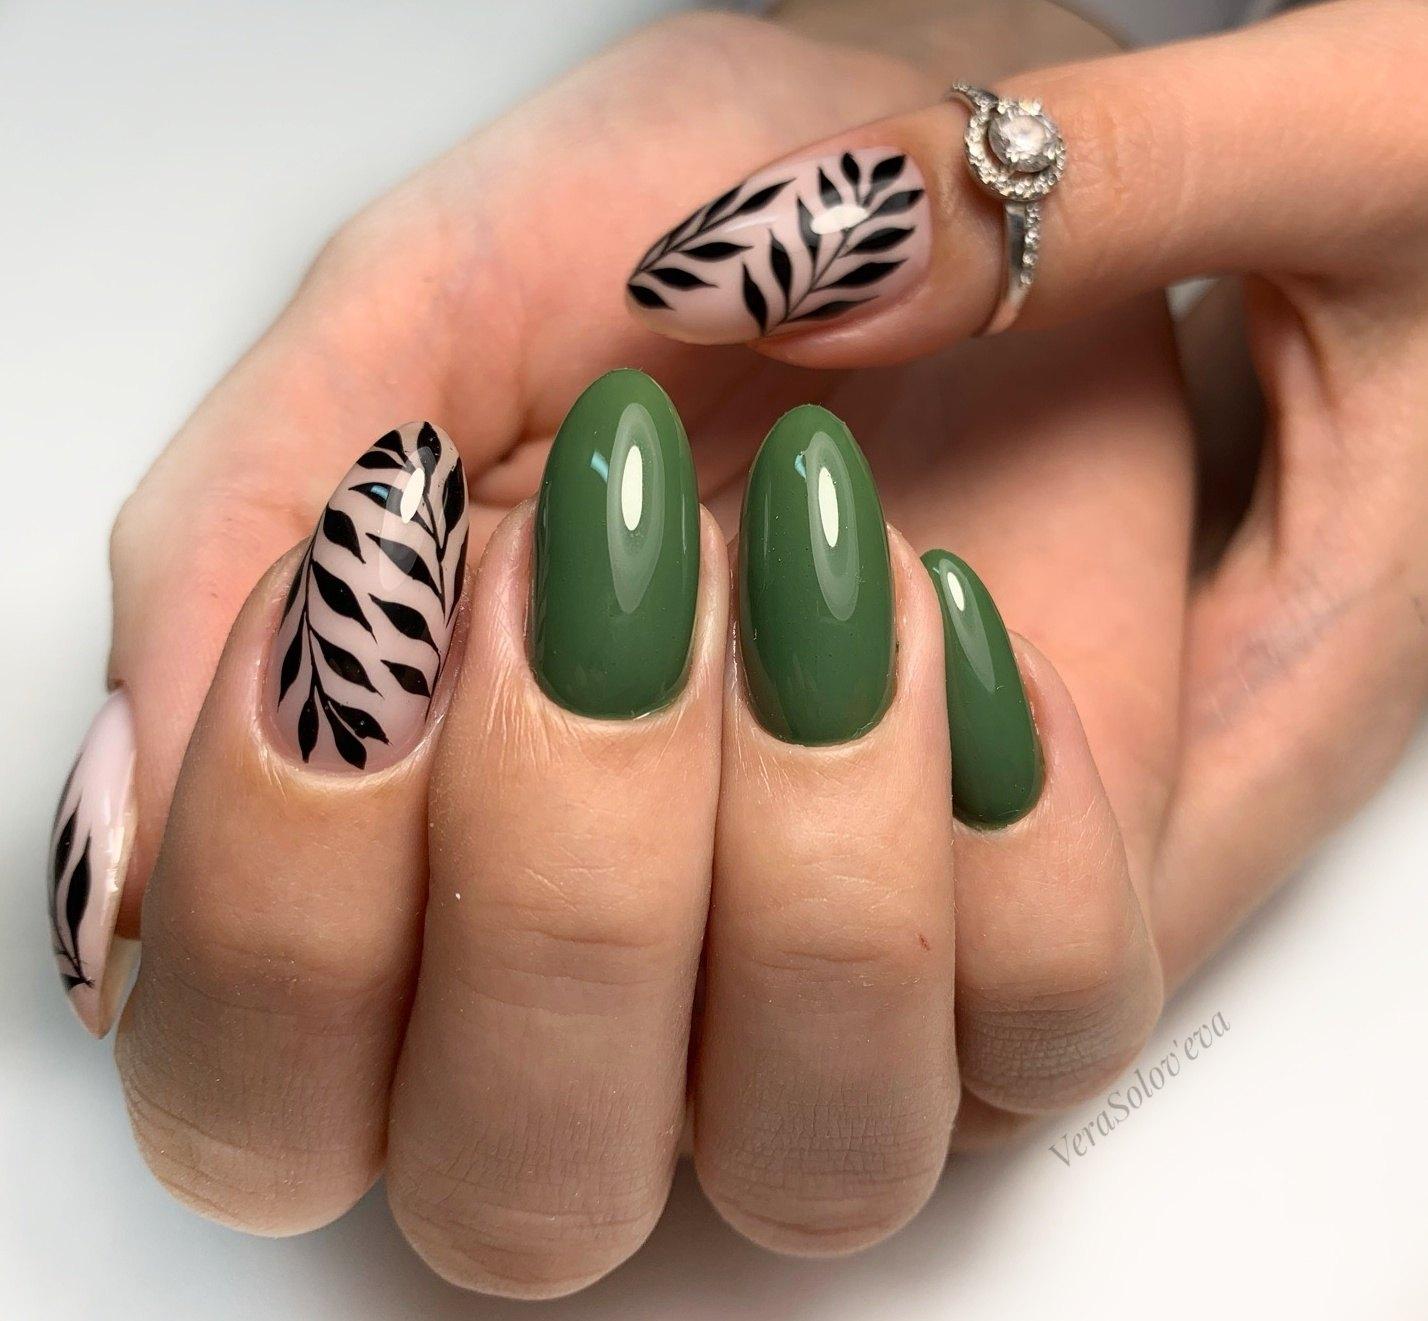 Маникюр с растительным рисунком в зеленом цвете.